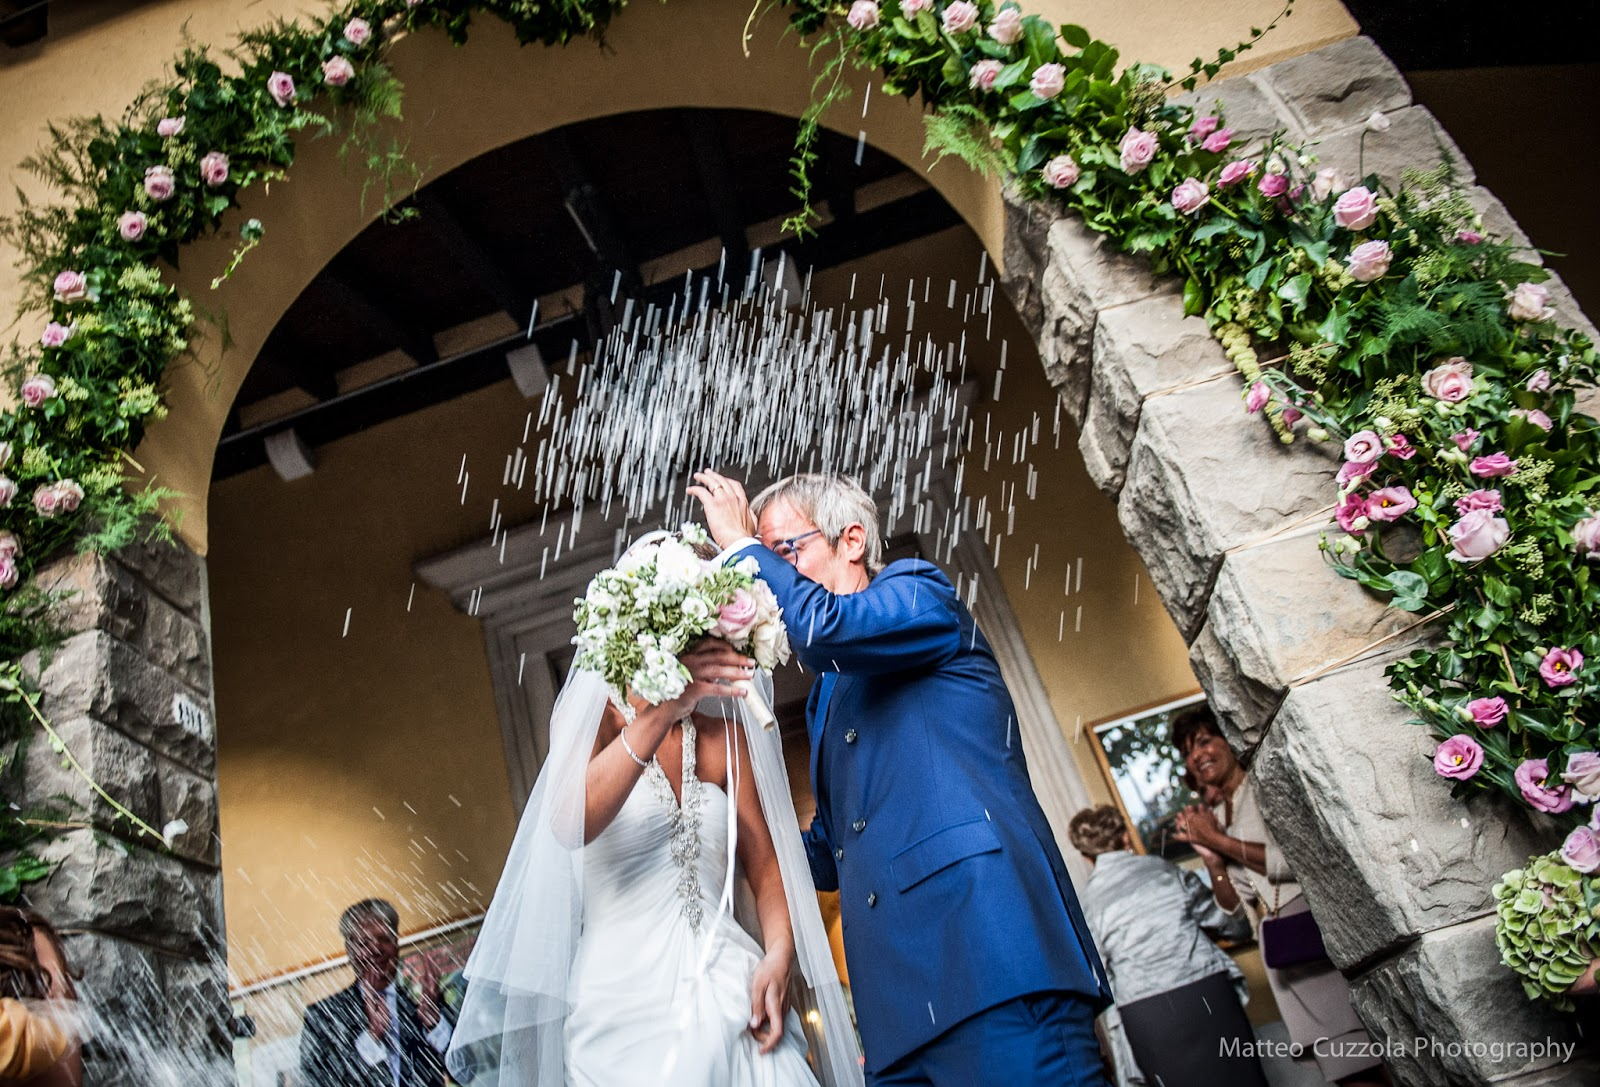 Matrimonio In Villa : Matrimonio in villa rigatti fiumicello alice e luca